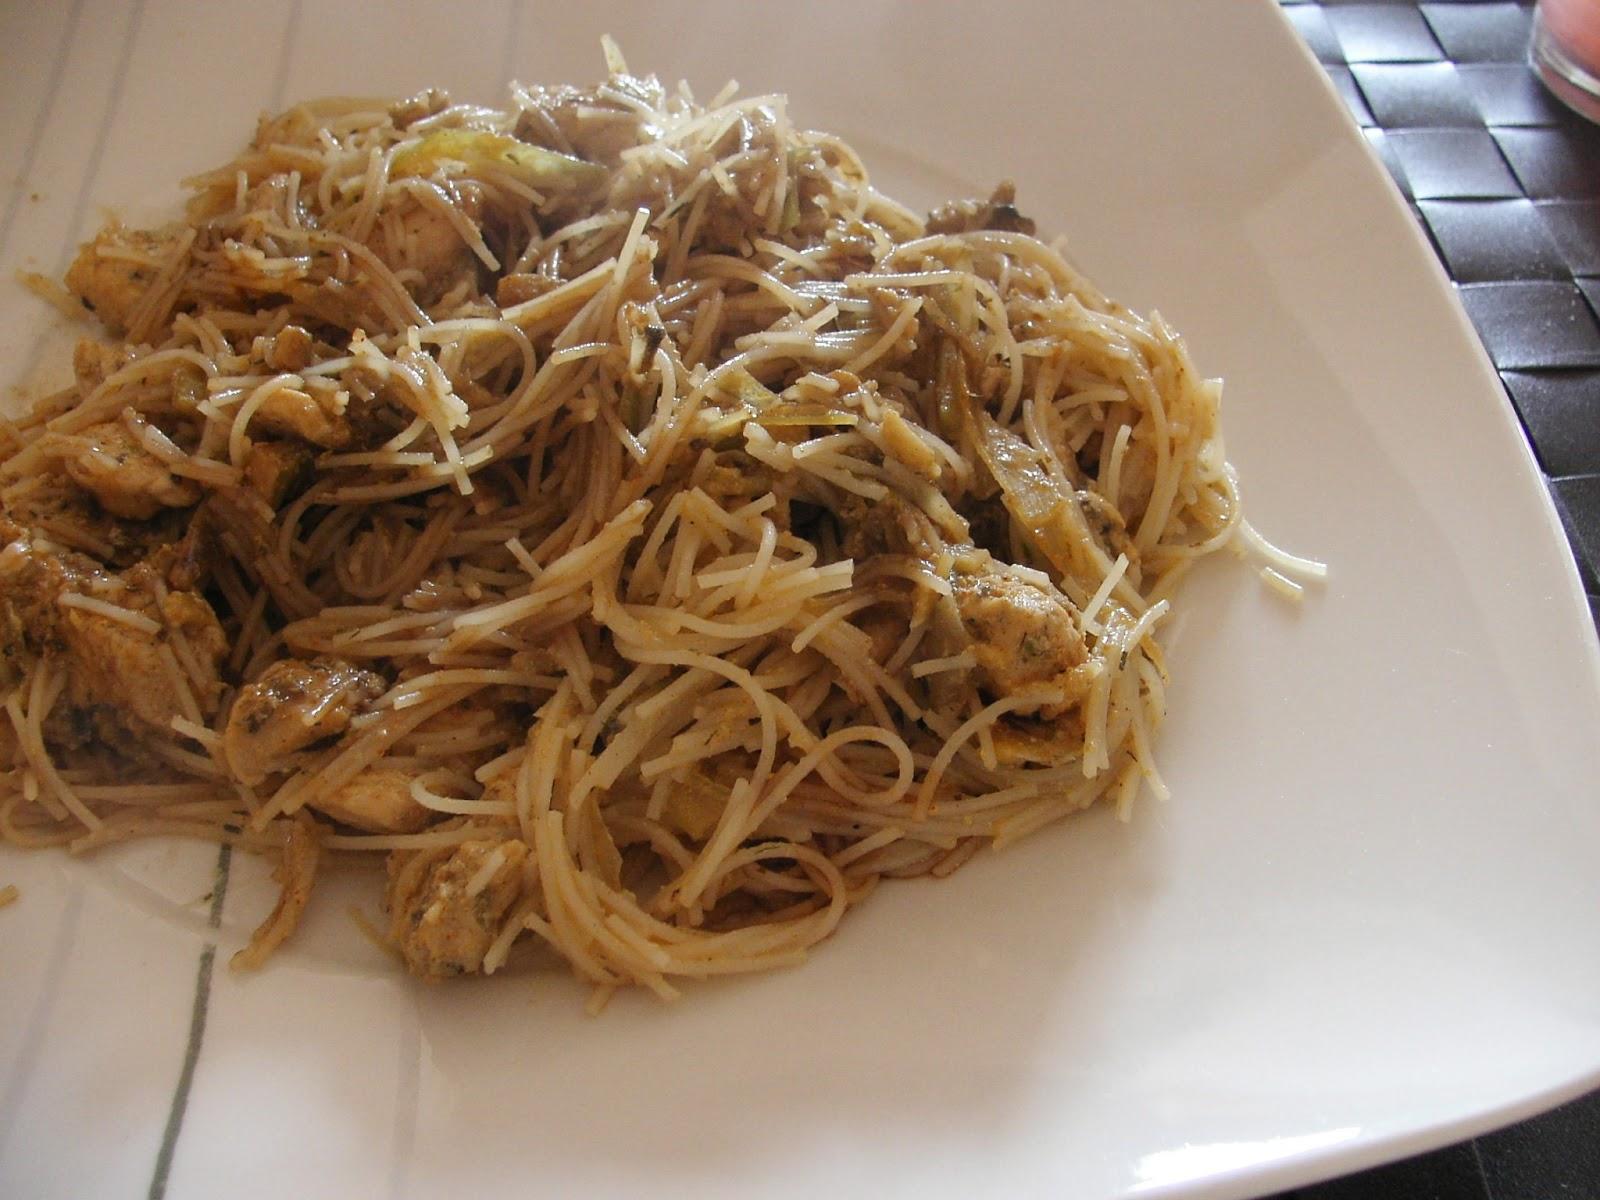 Cocinar sin sal mihoen goreng con pollo sin sal - Cocinar sin sal ...